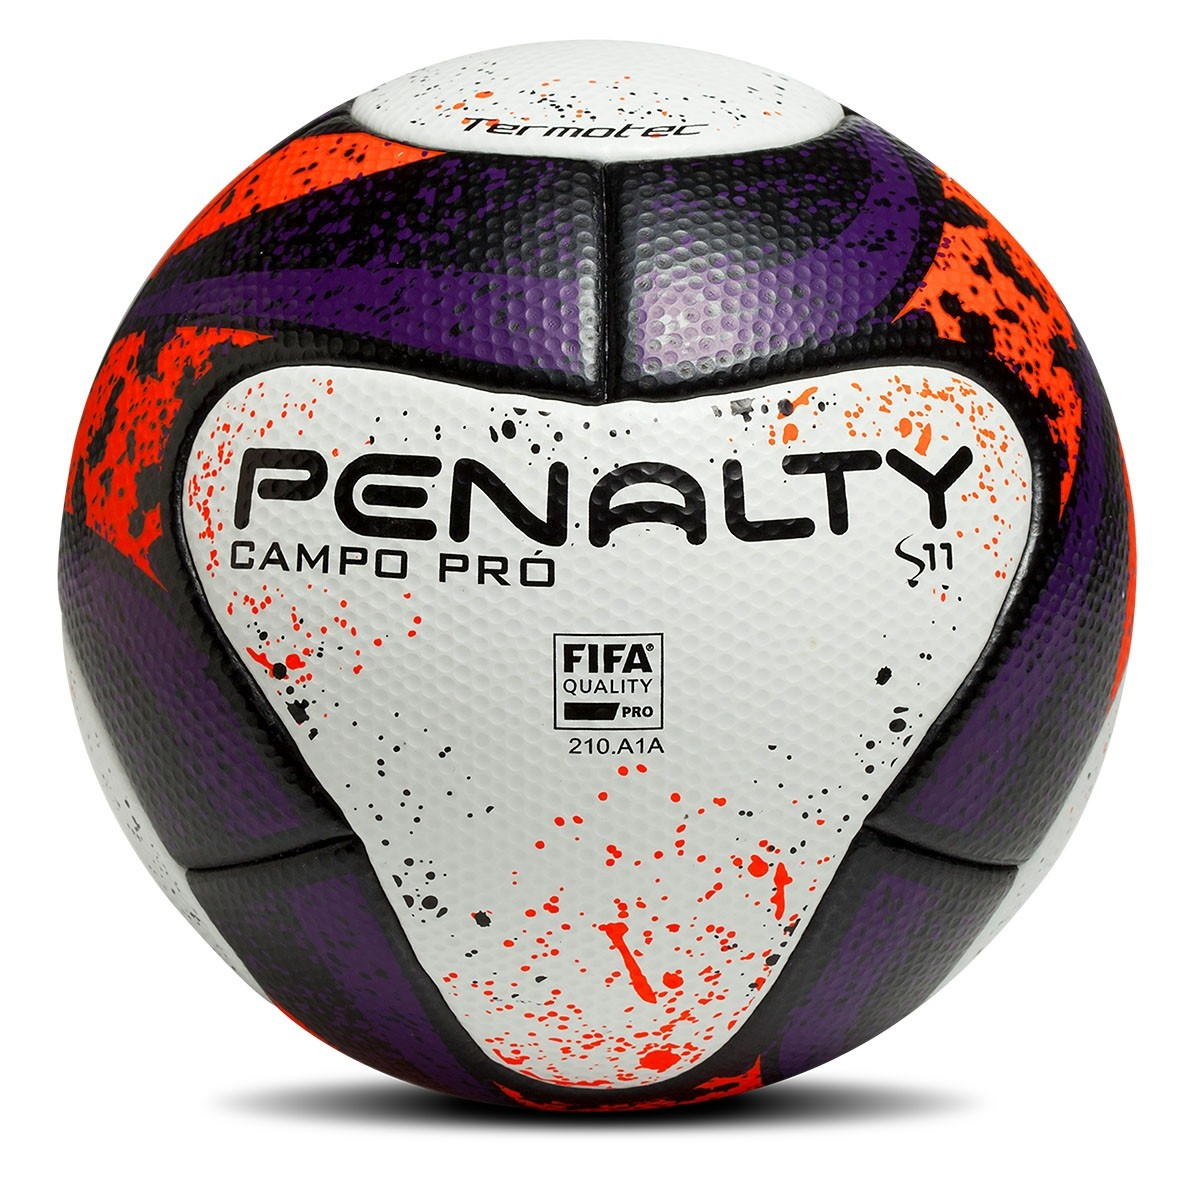 Bola Campo Penalty Gauchão 2017 S11 Pró 541430.1170 Branco 92323121c24e6